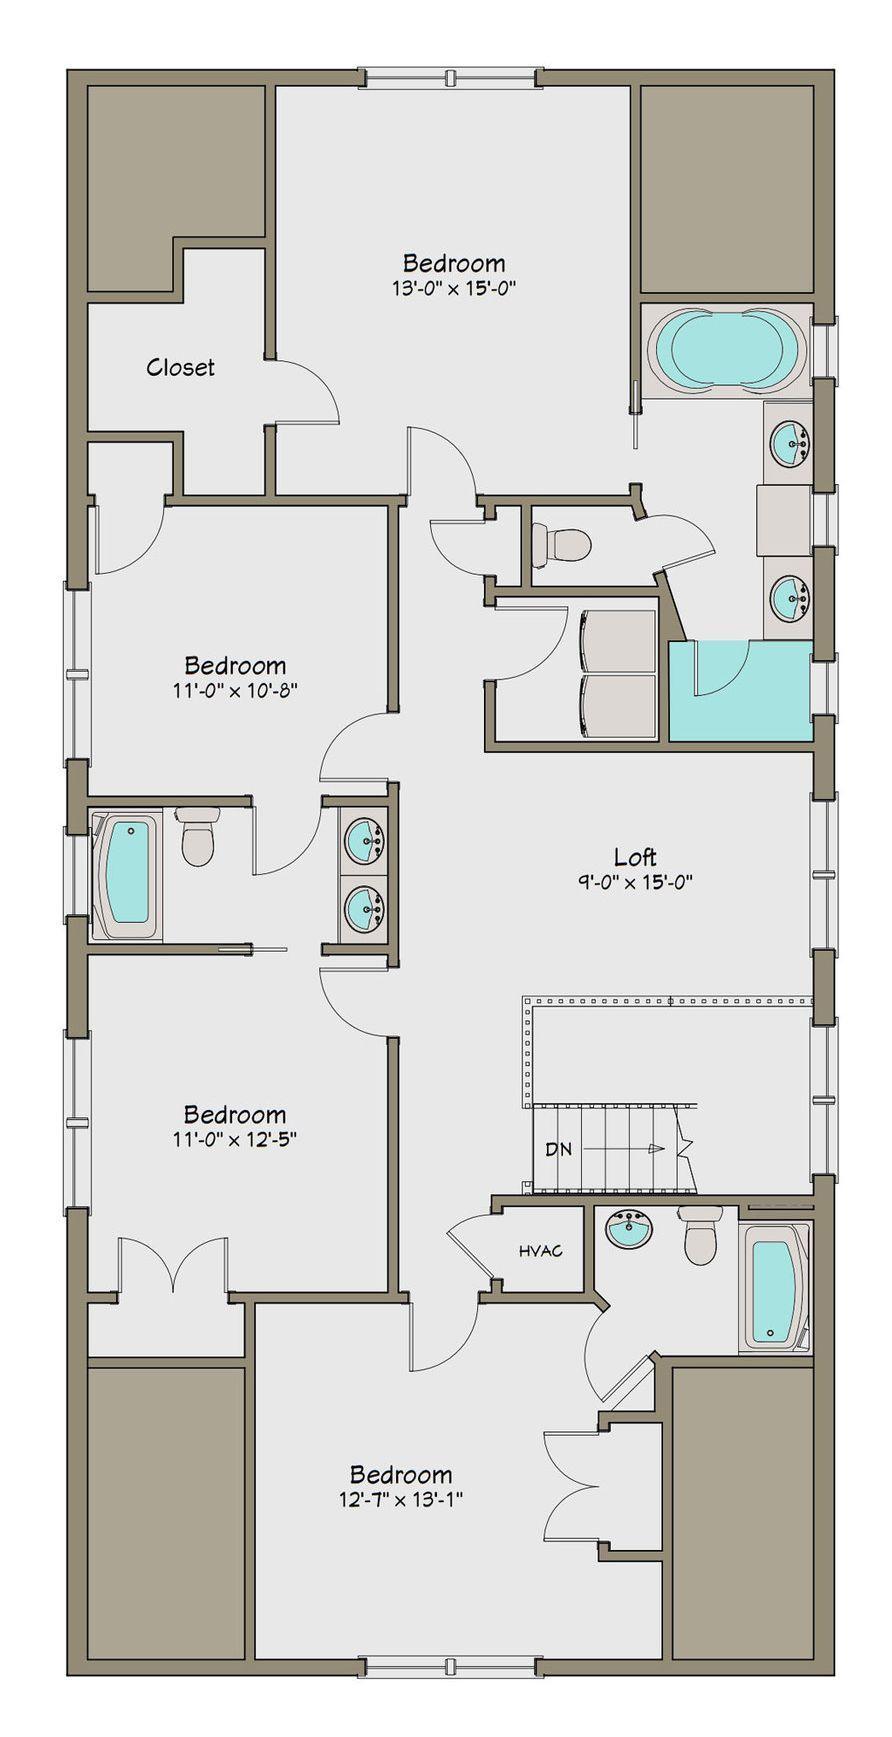 Plano De Planta Alta De Casa Grande De 5 Dormitorios En 248m2 Planos De Casas Casas Caras Casas Grandes